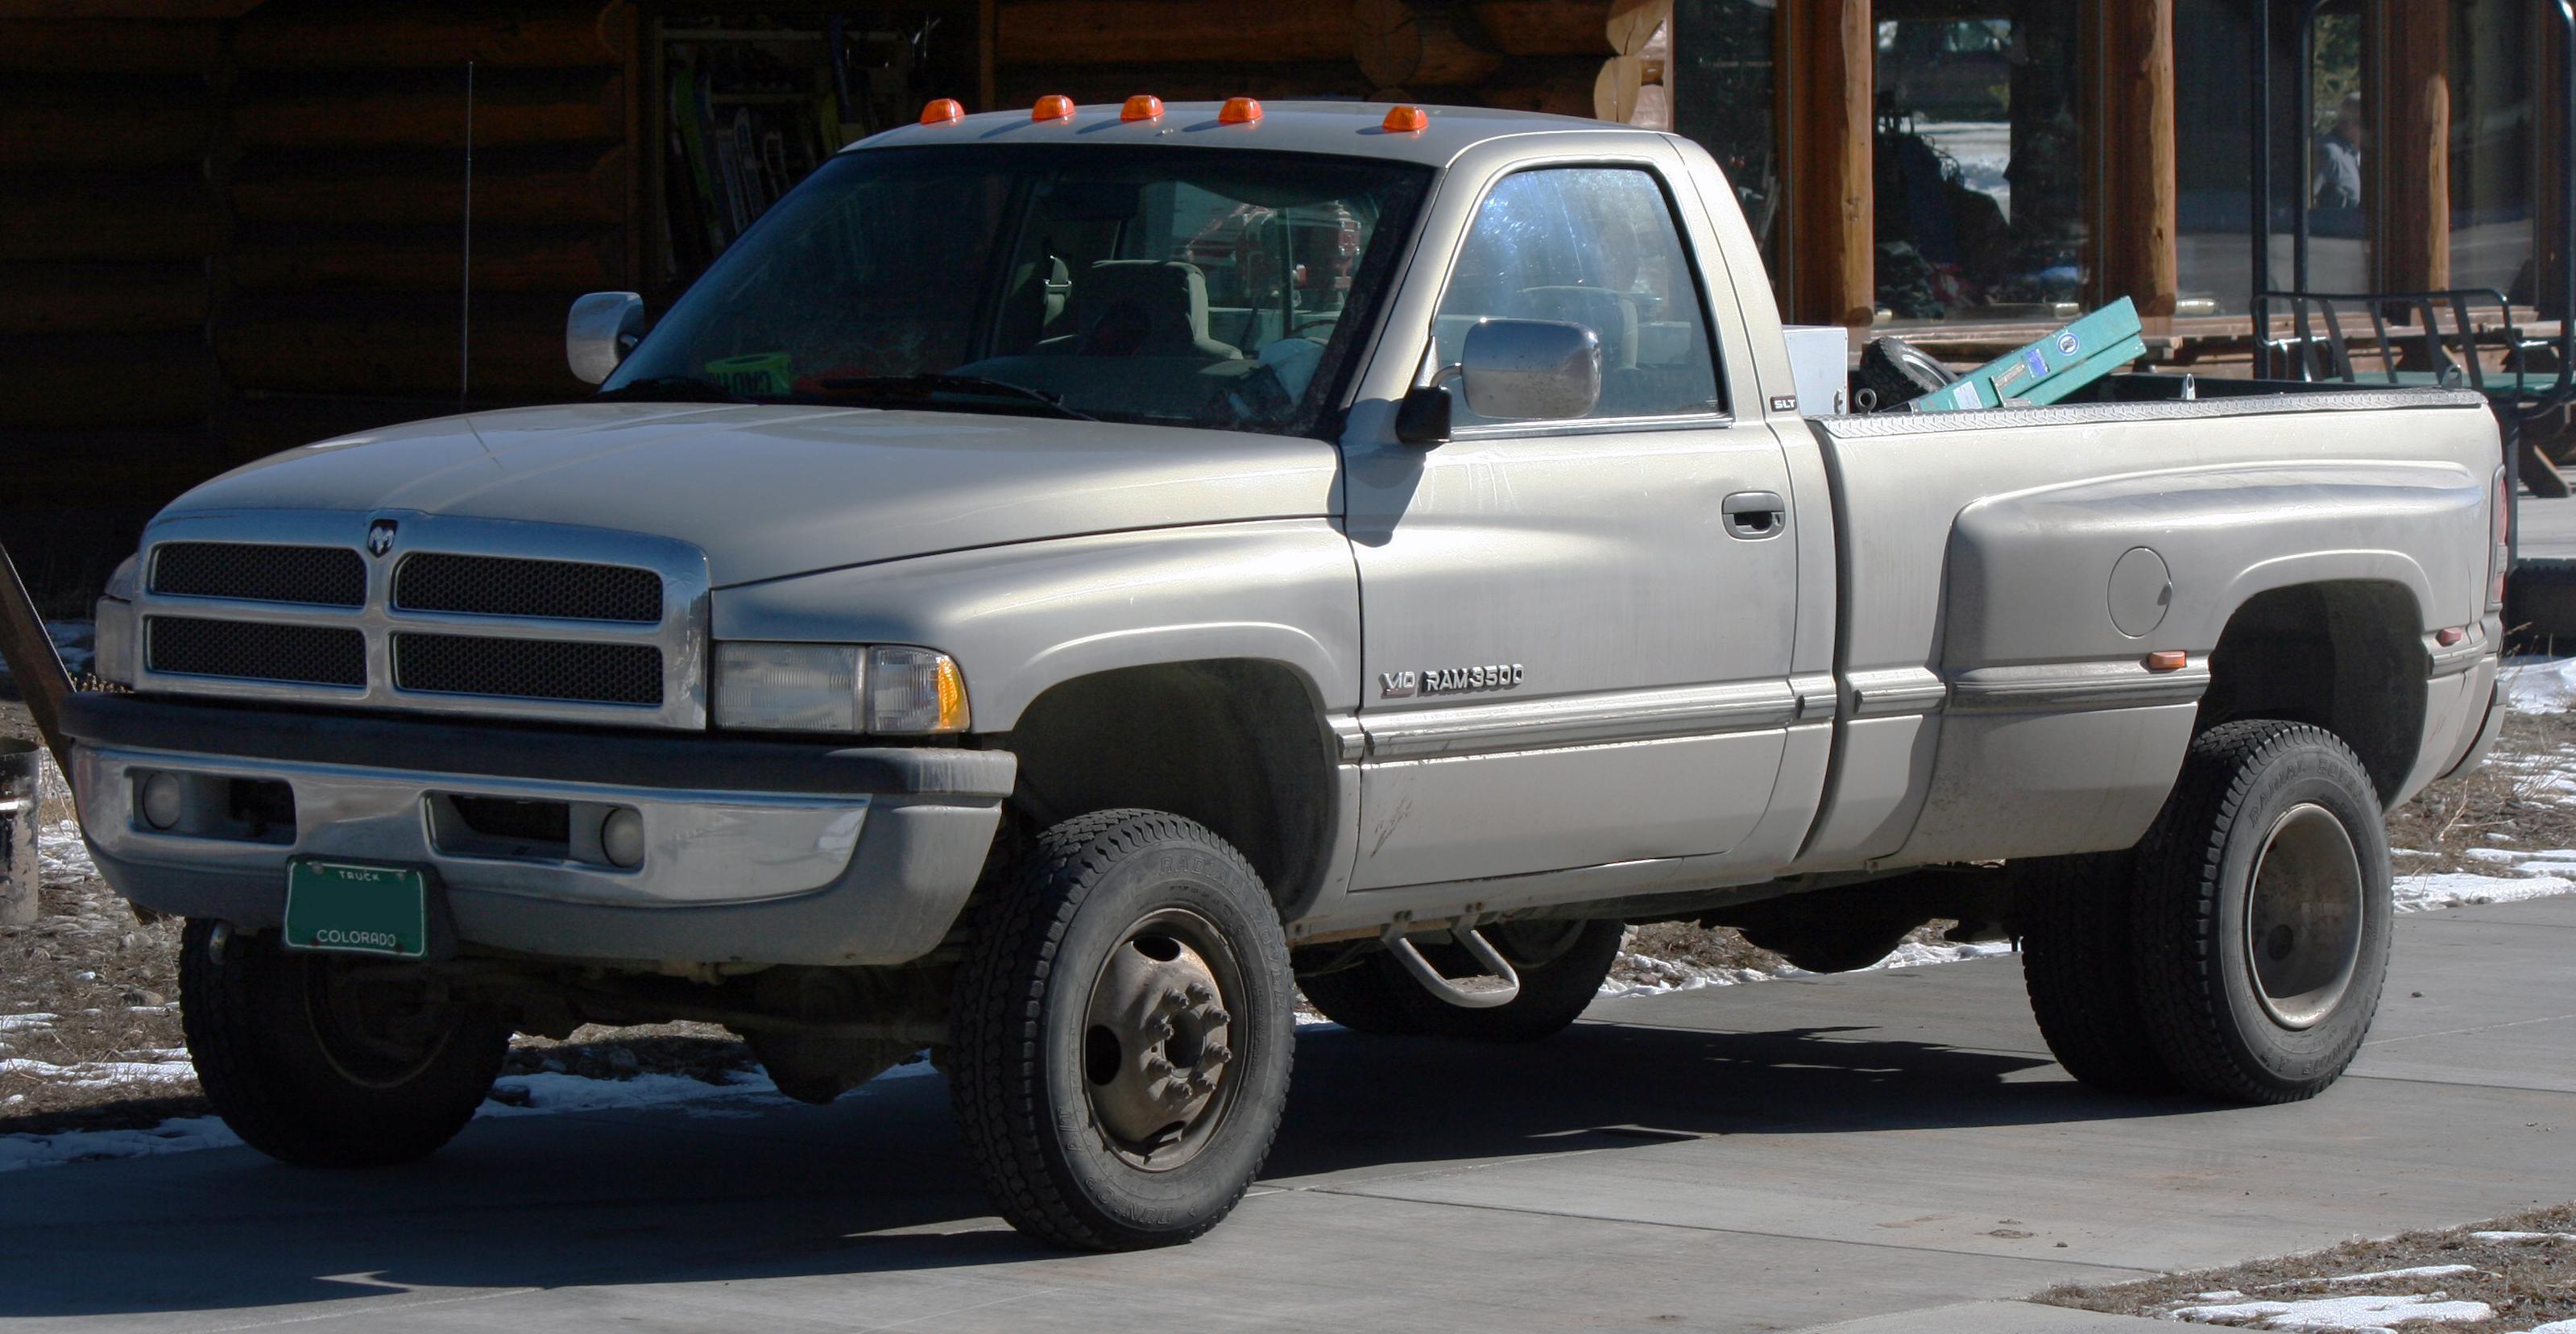 File:Dodge Ram V10 3500.jpg